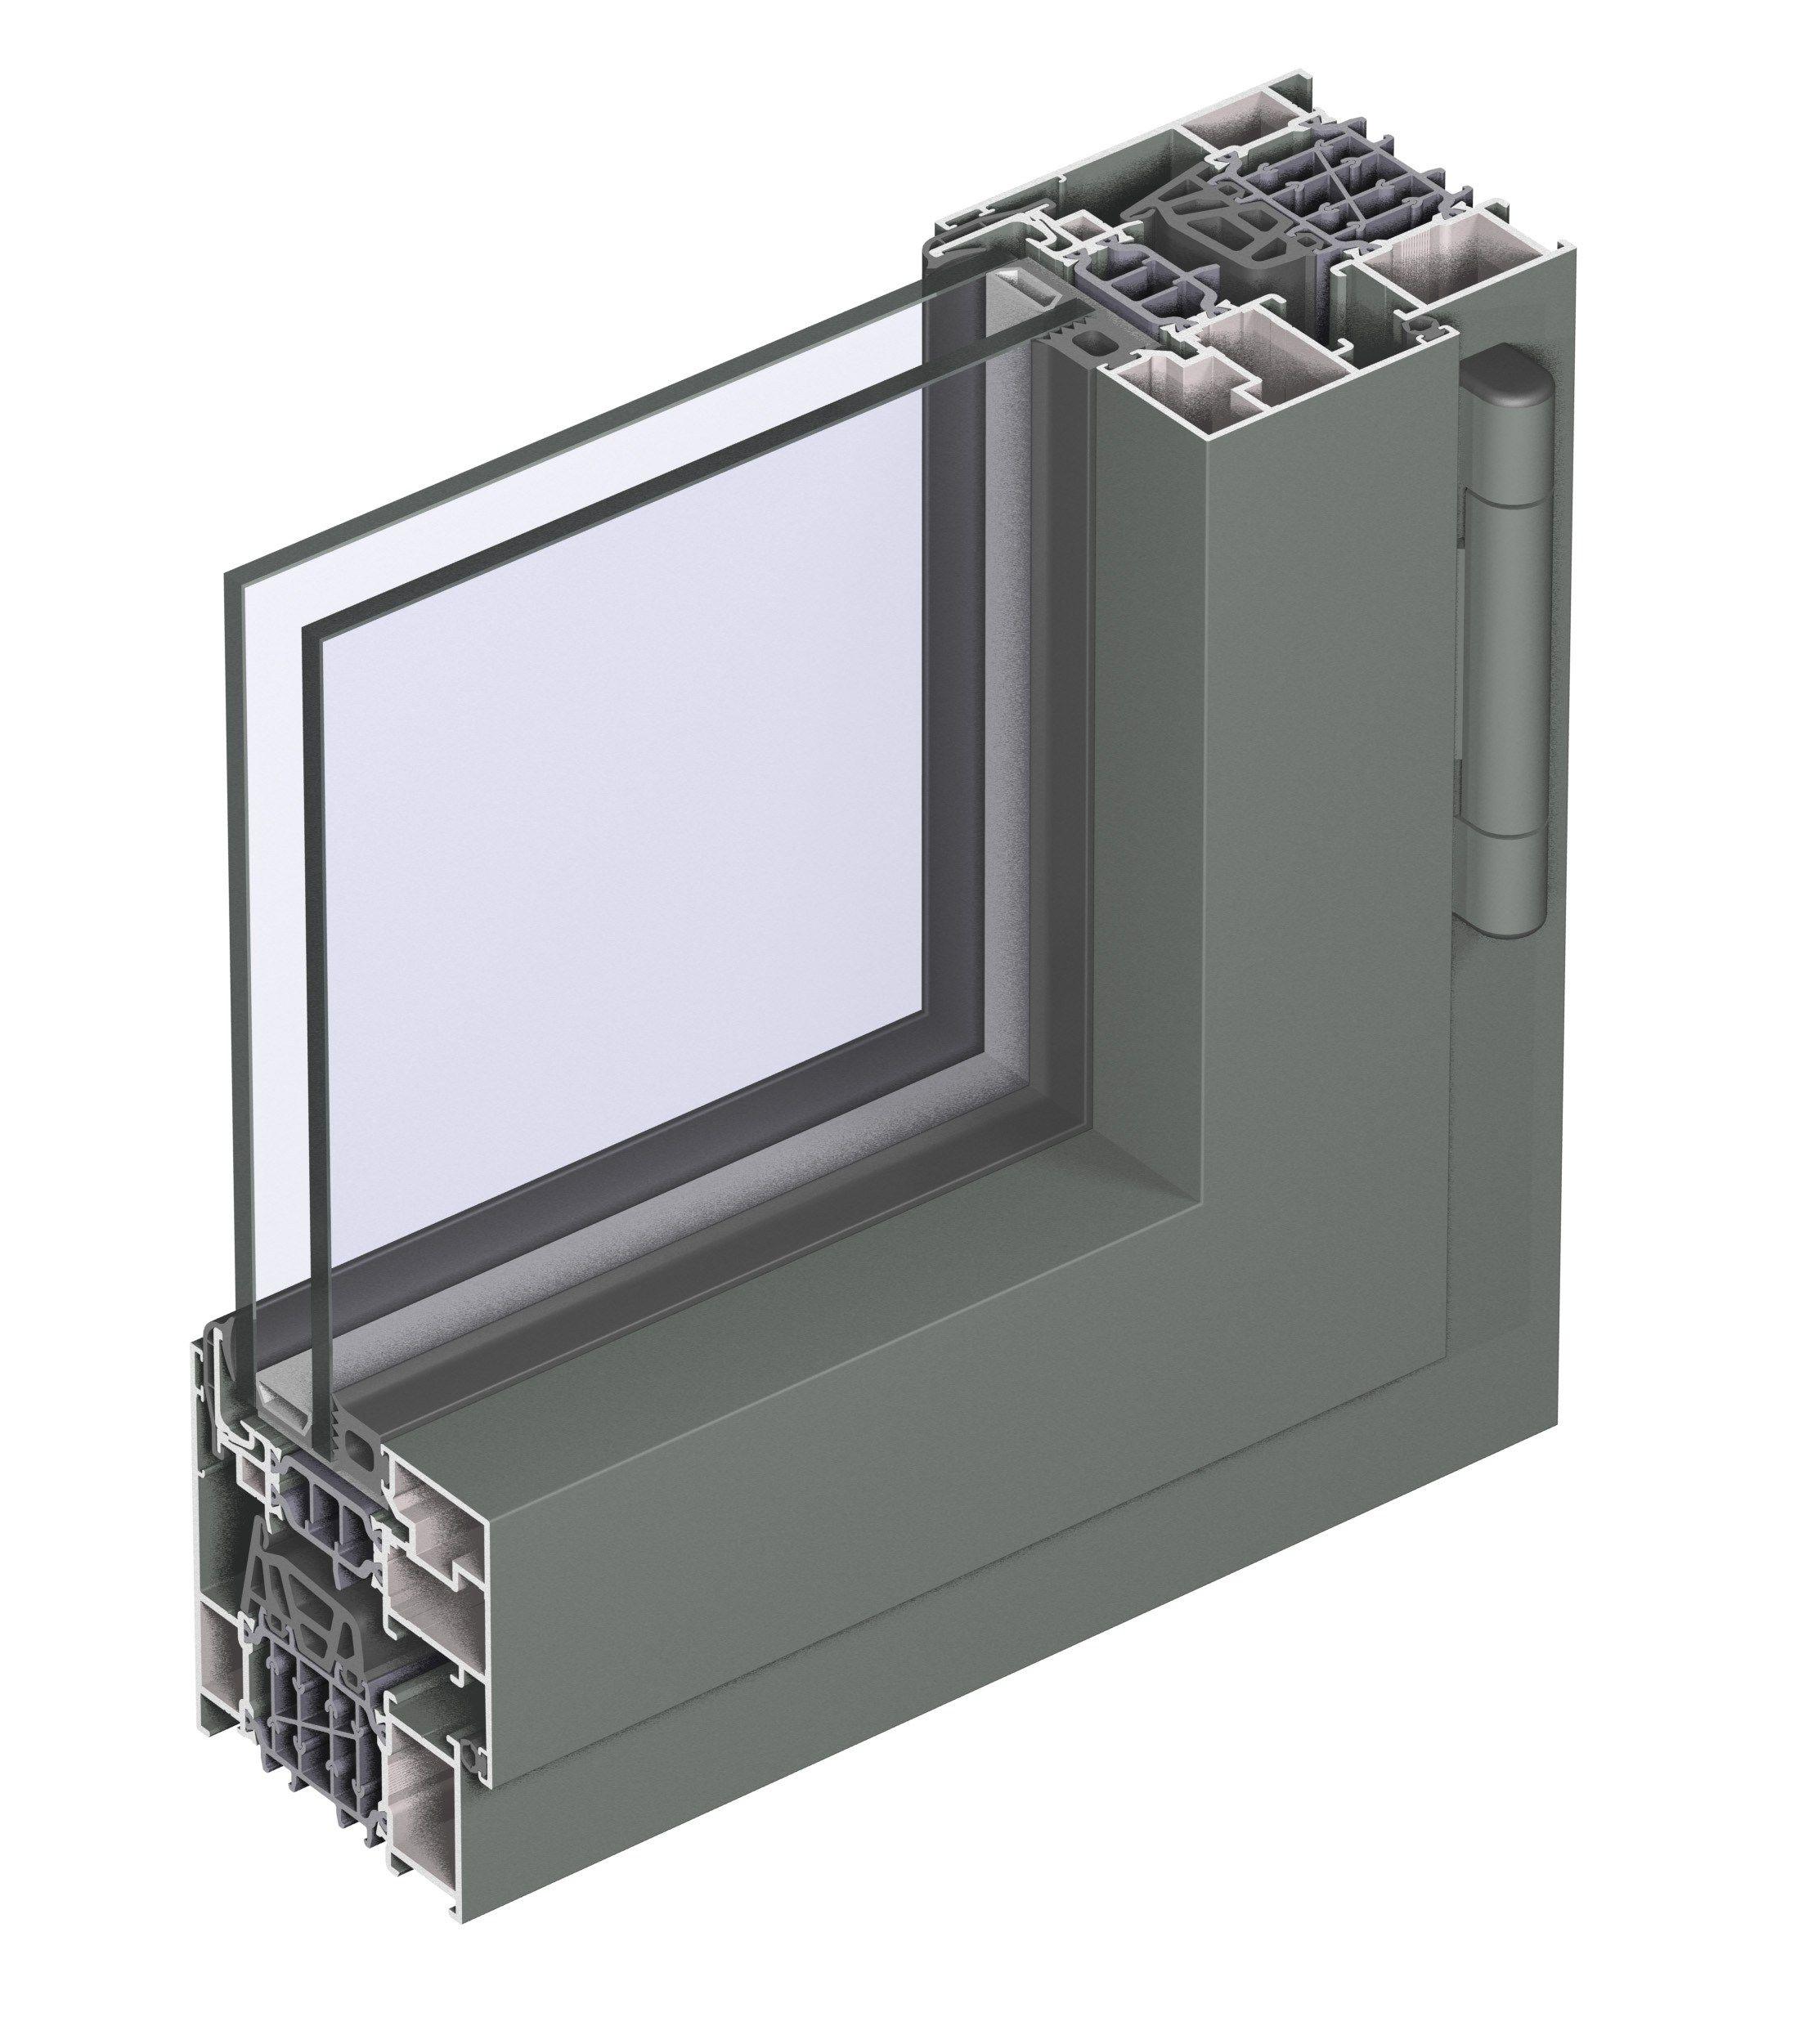 Porta finestra a taglio termico con doppio vetro in for Finestra scorrevole revit